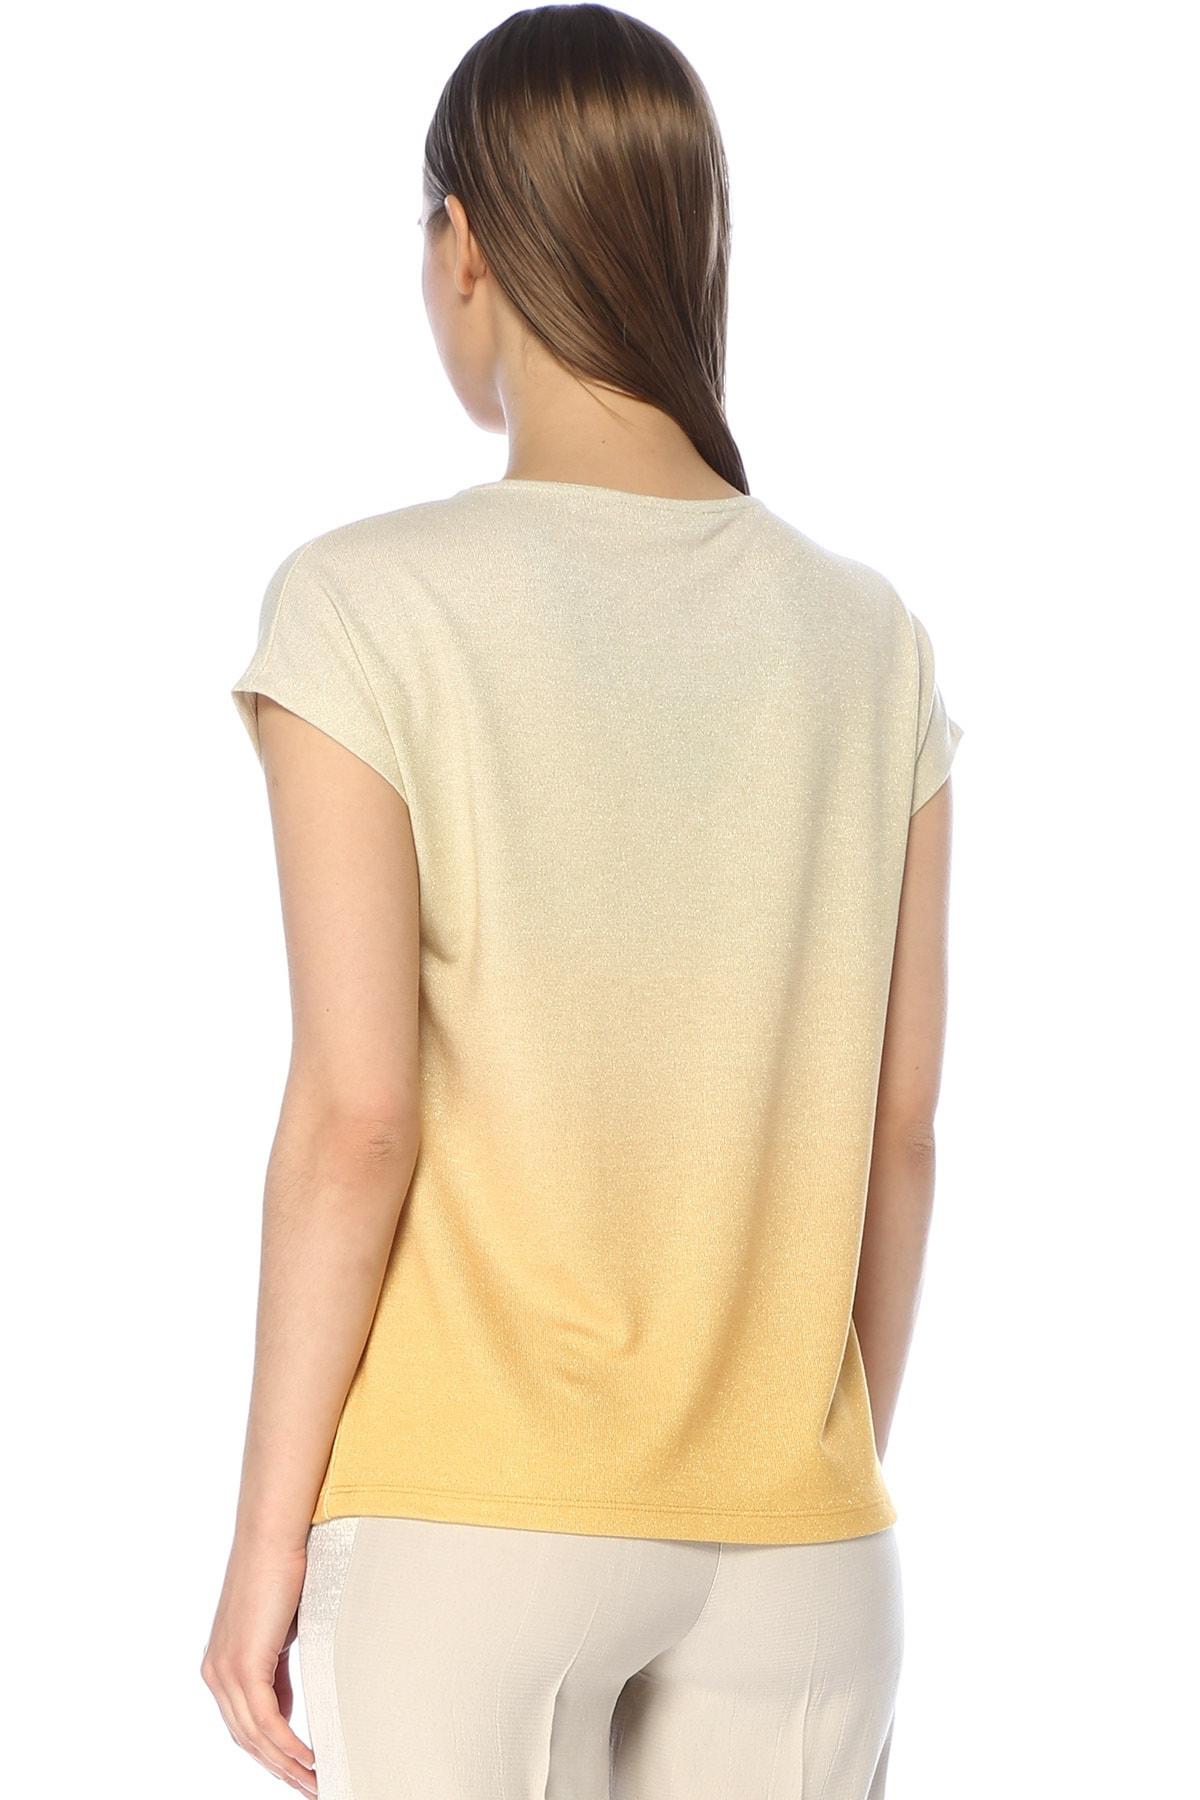 Network Kadın V Yaka Sarı Tshirt 1073759